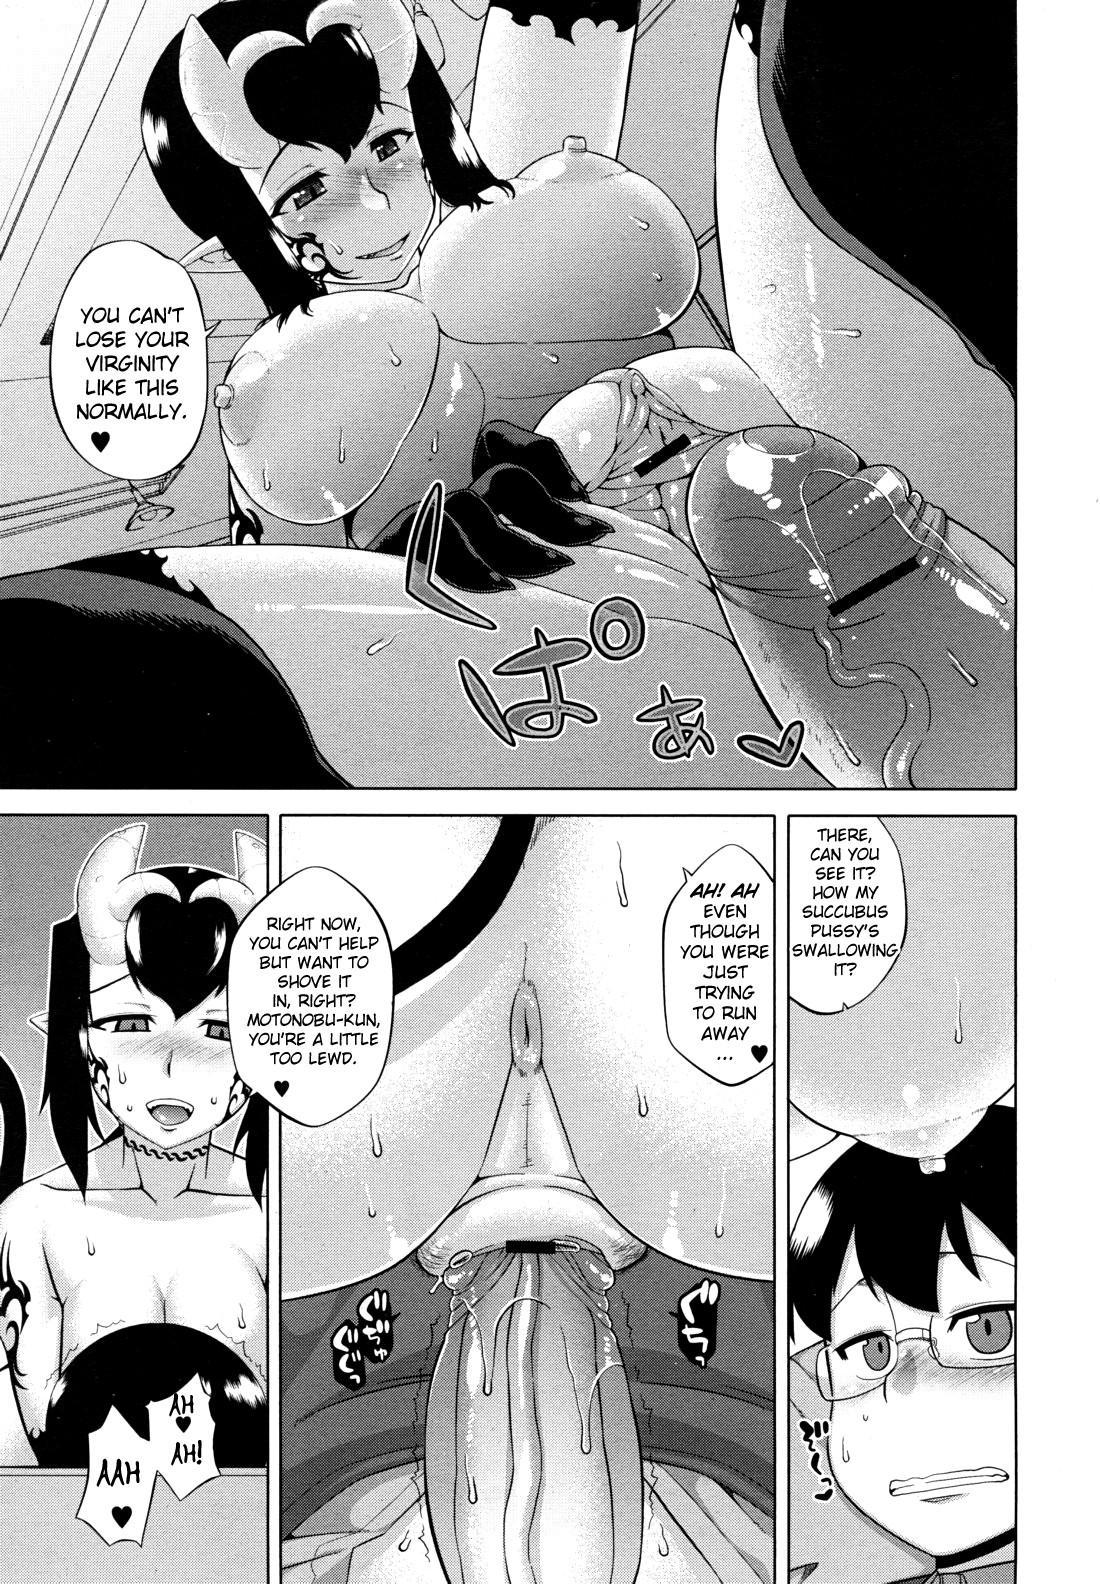 [Takatsu] DH! ~Himorogi Hyaku Yome Gatari~ | Demon-Hentai! - Shrine of One Hundred Wives [English] {doujin-moe.us} 134